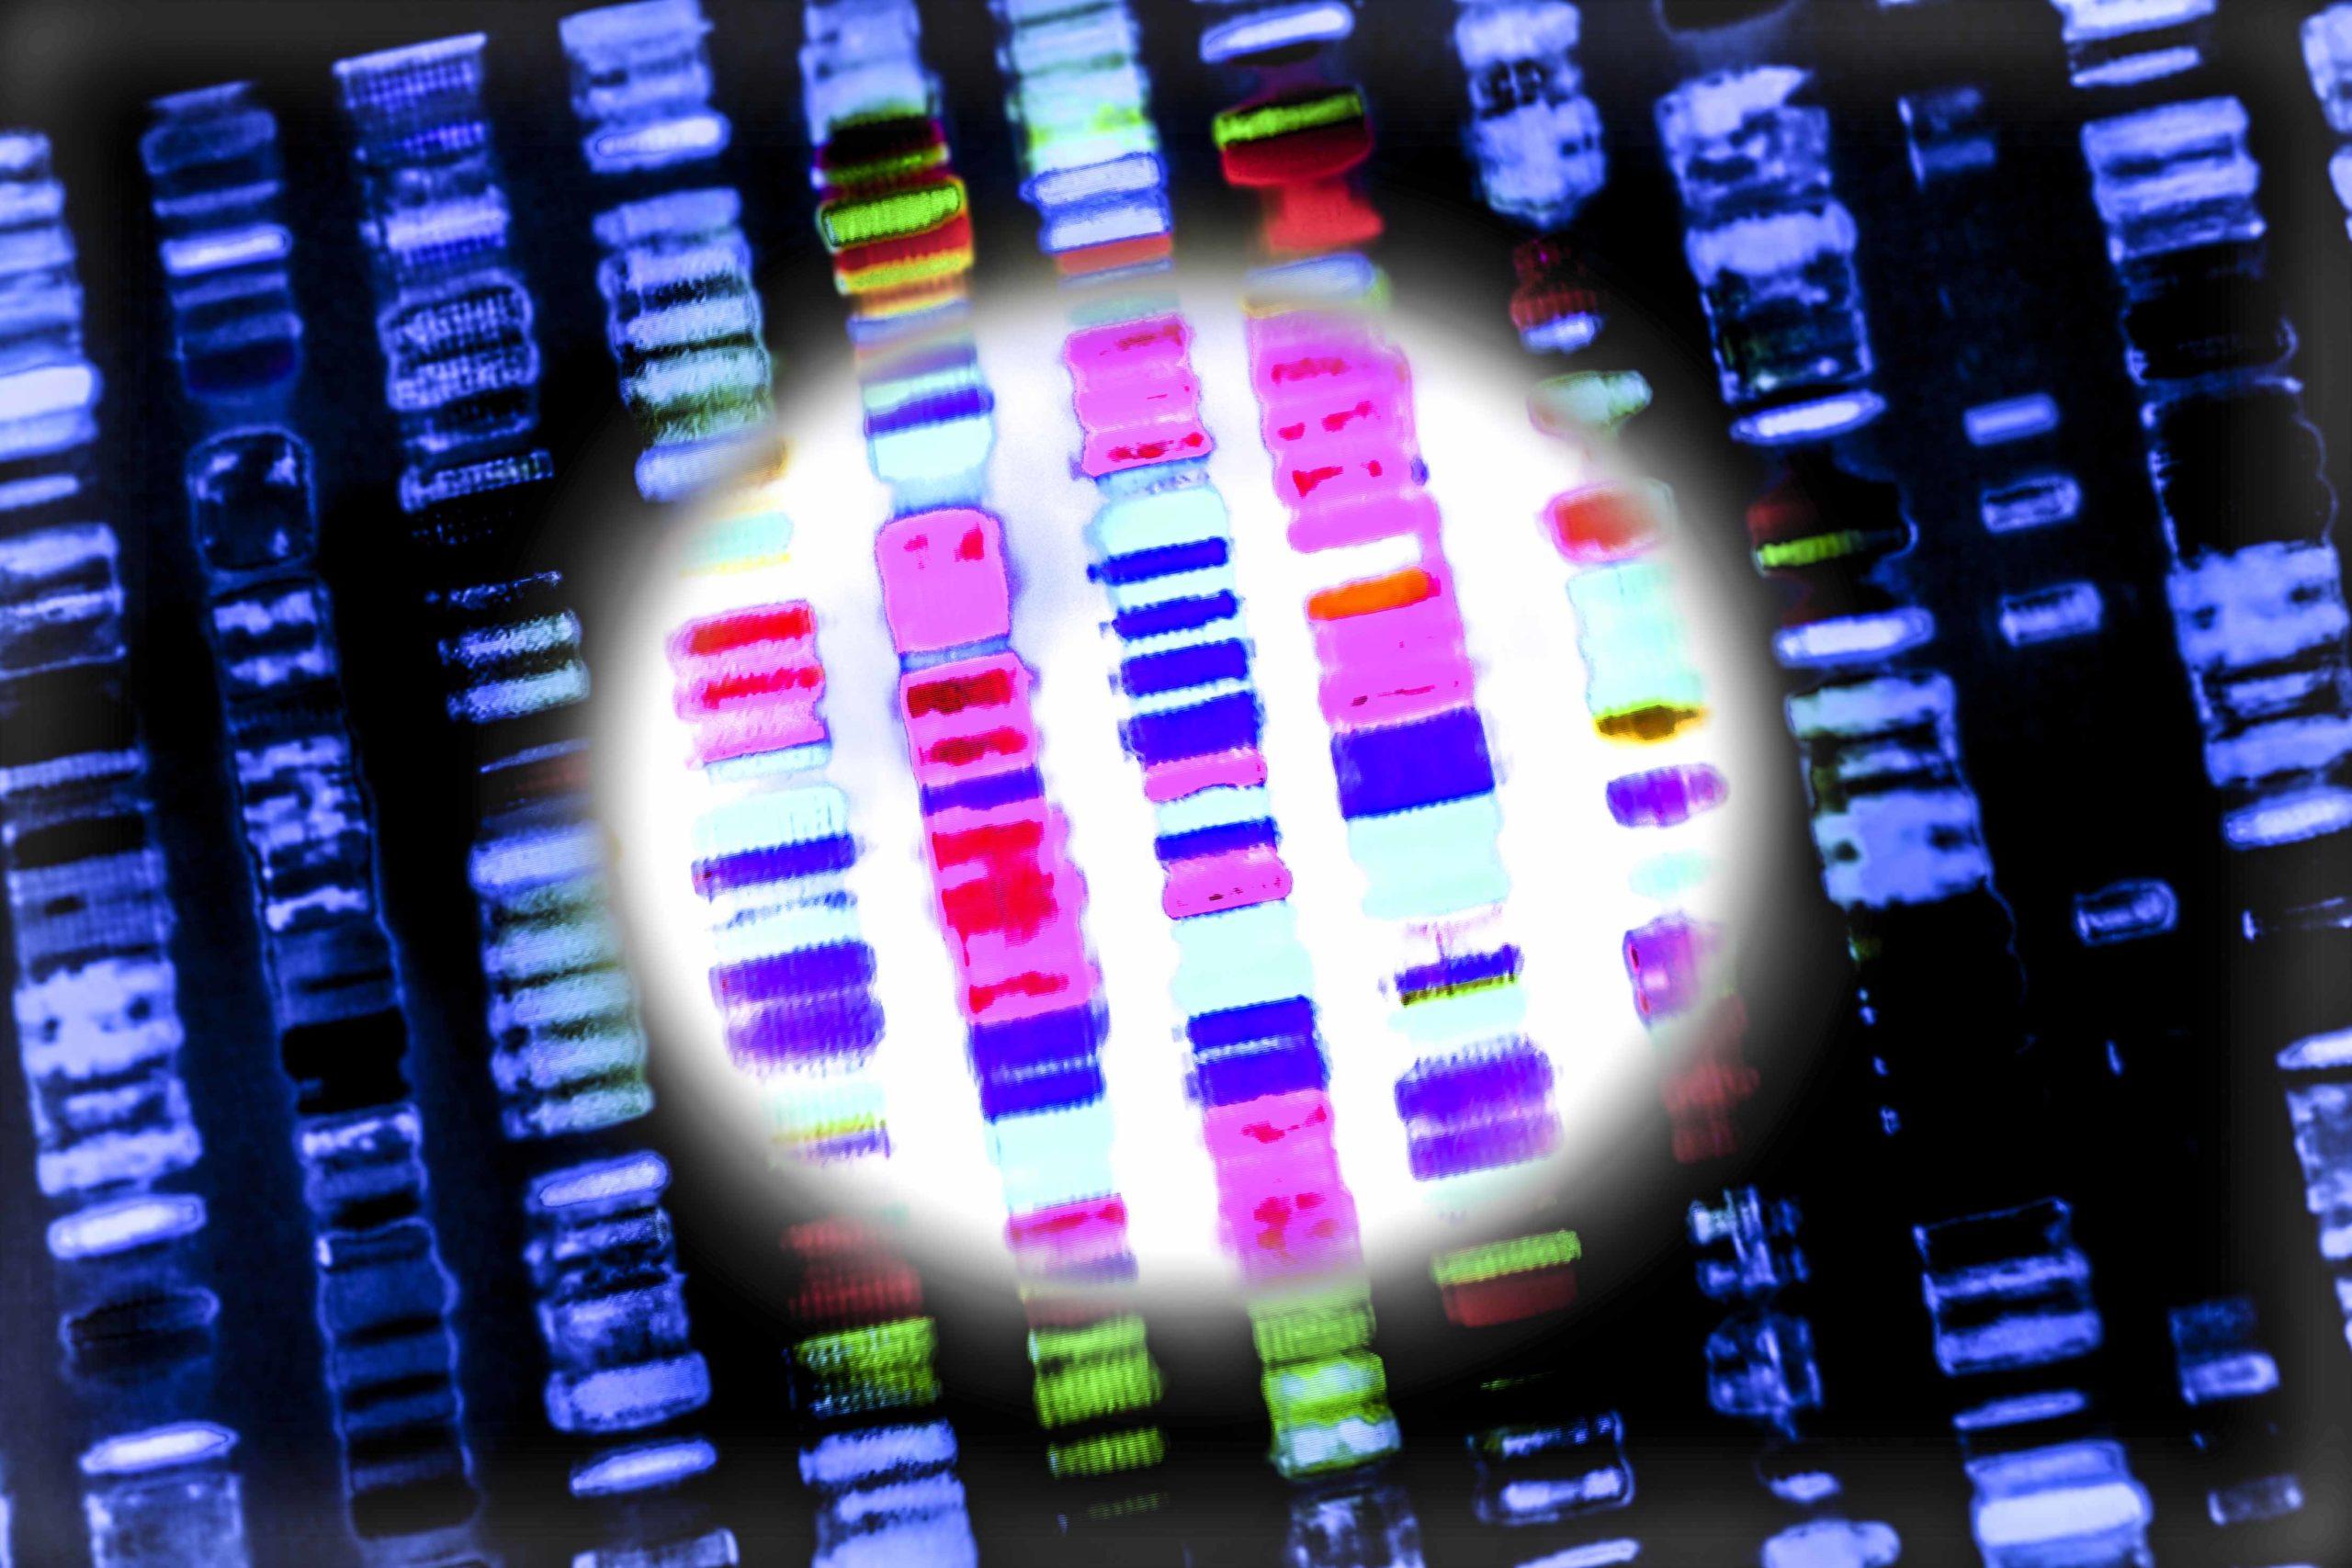 Genomic typing of human DNA